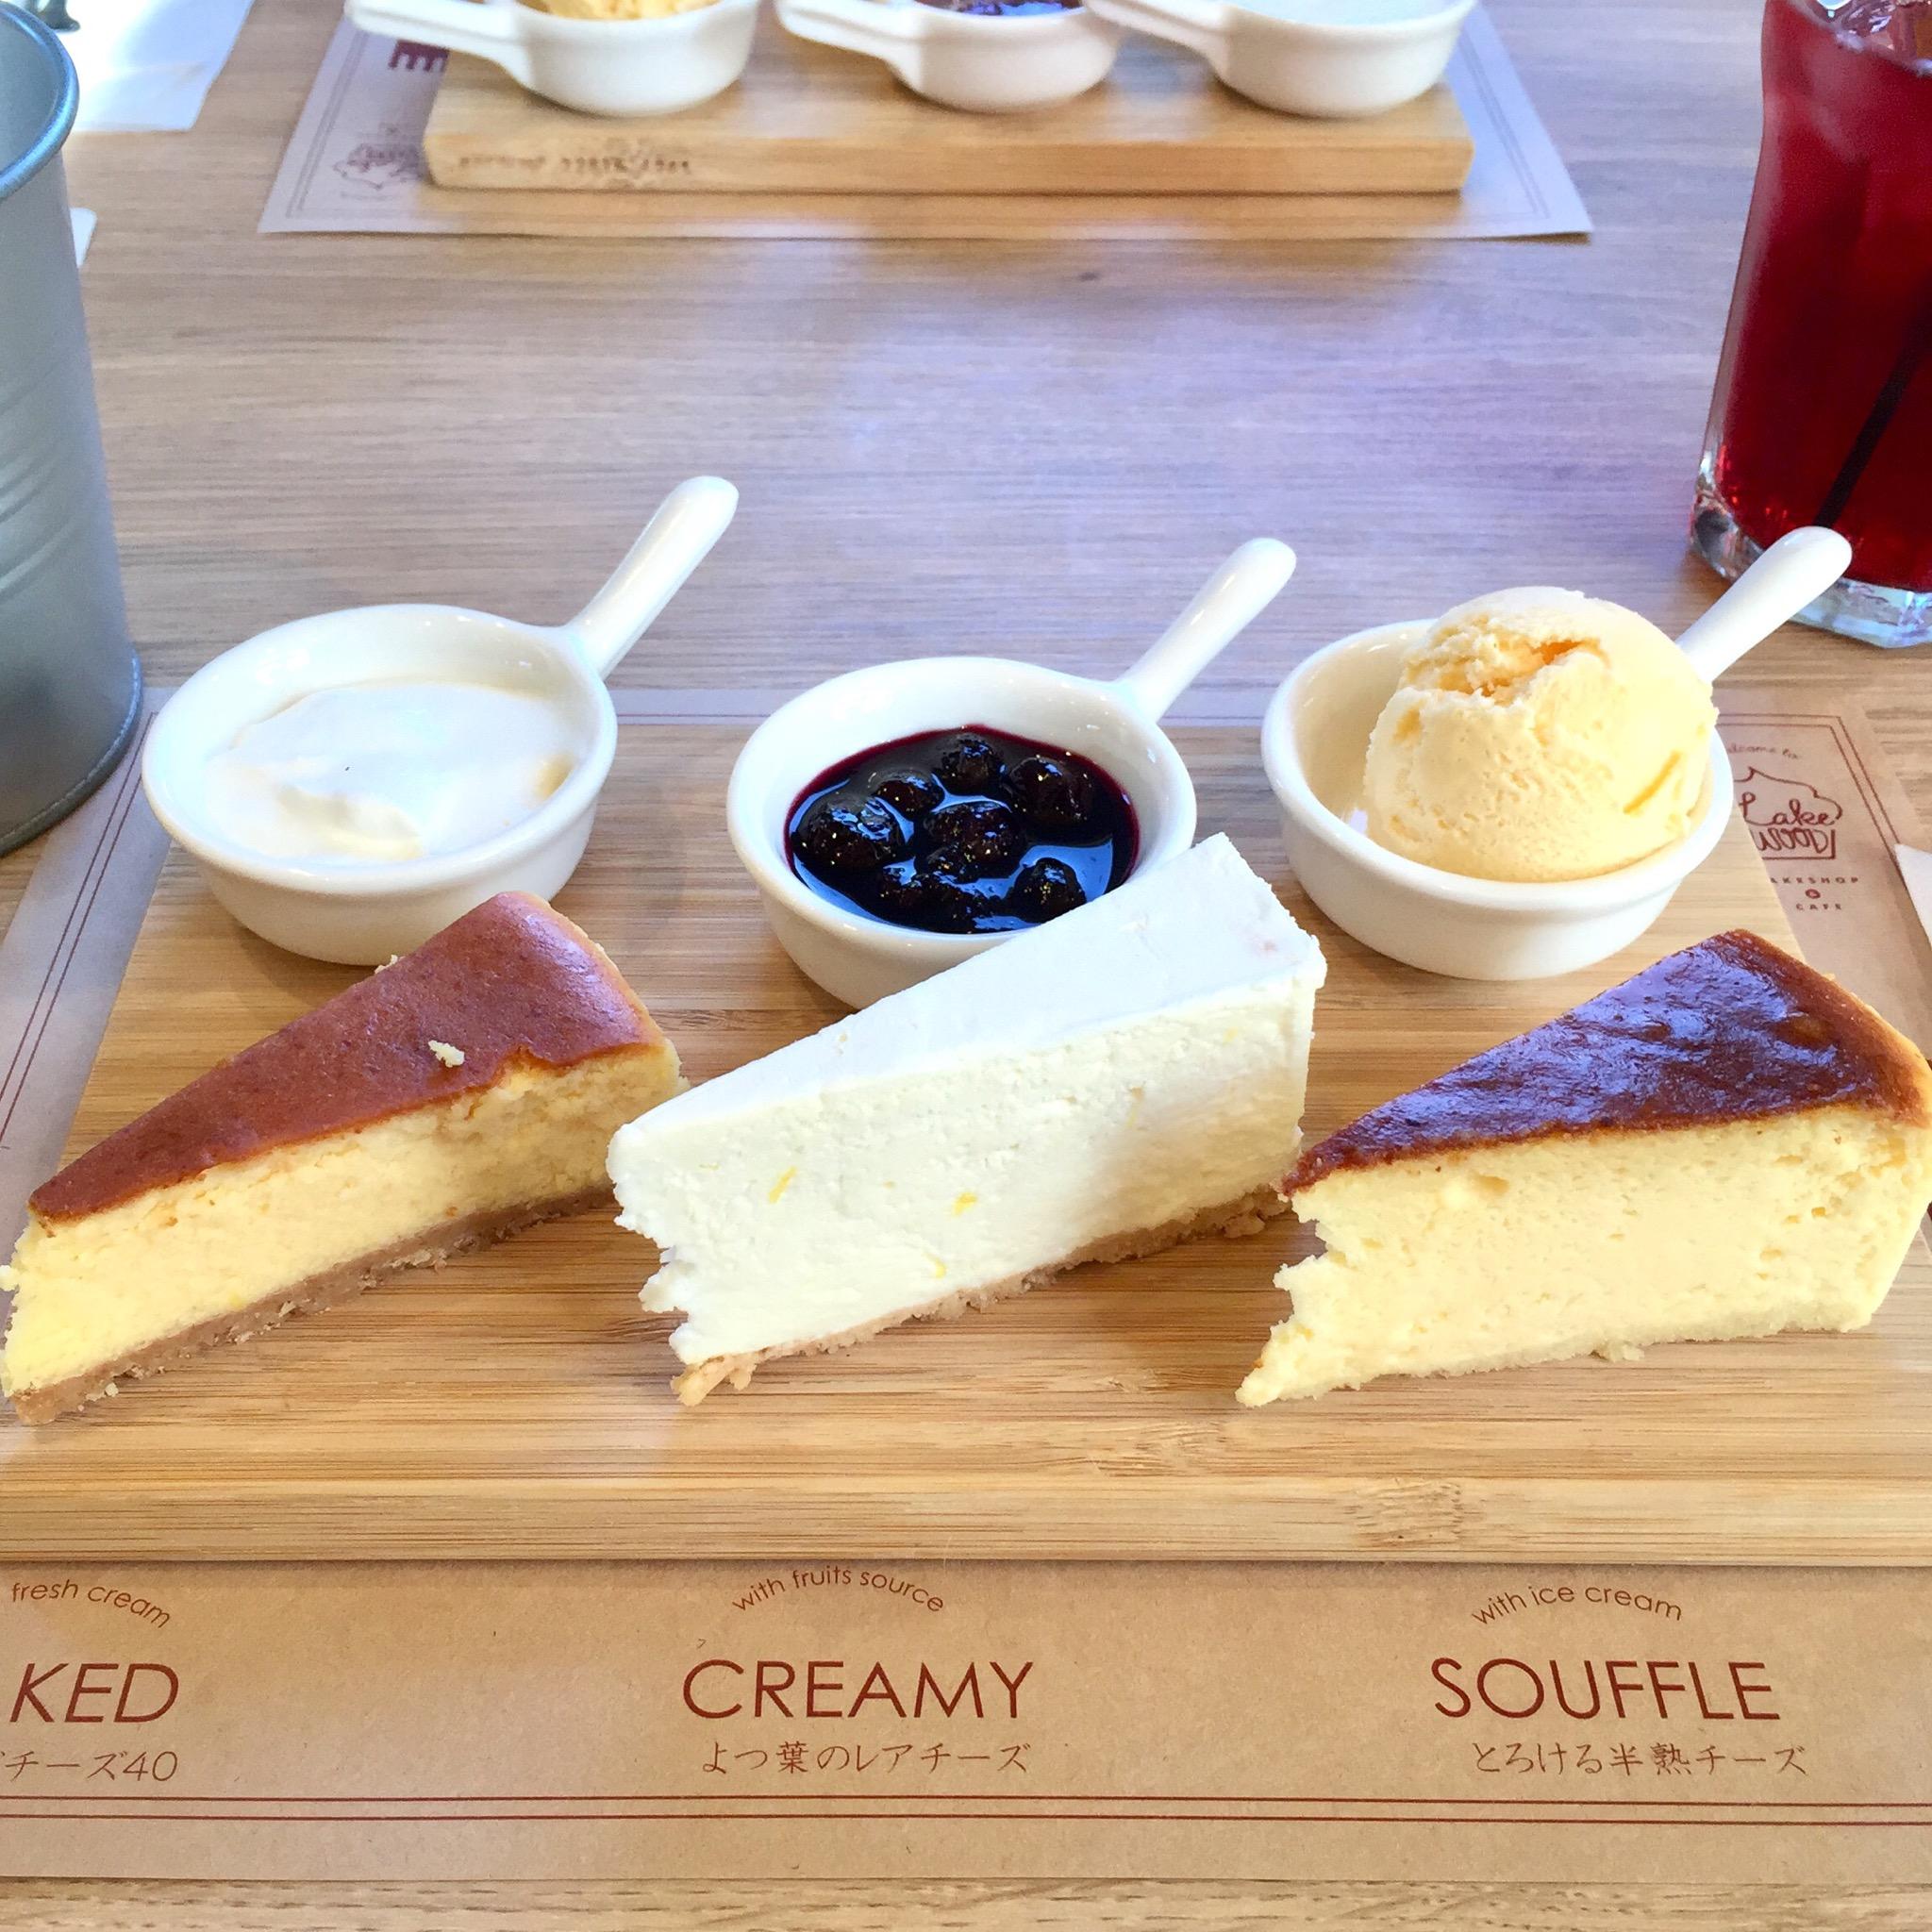 植田|ケーキフライト?食べ比べスイーツが大人気のカフェ